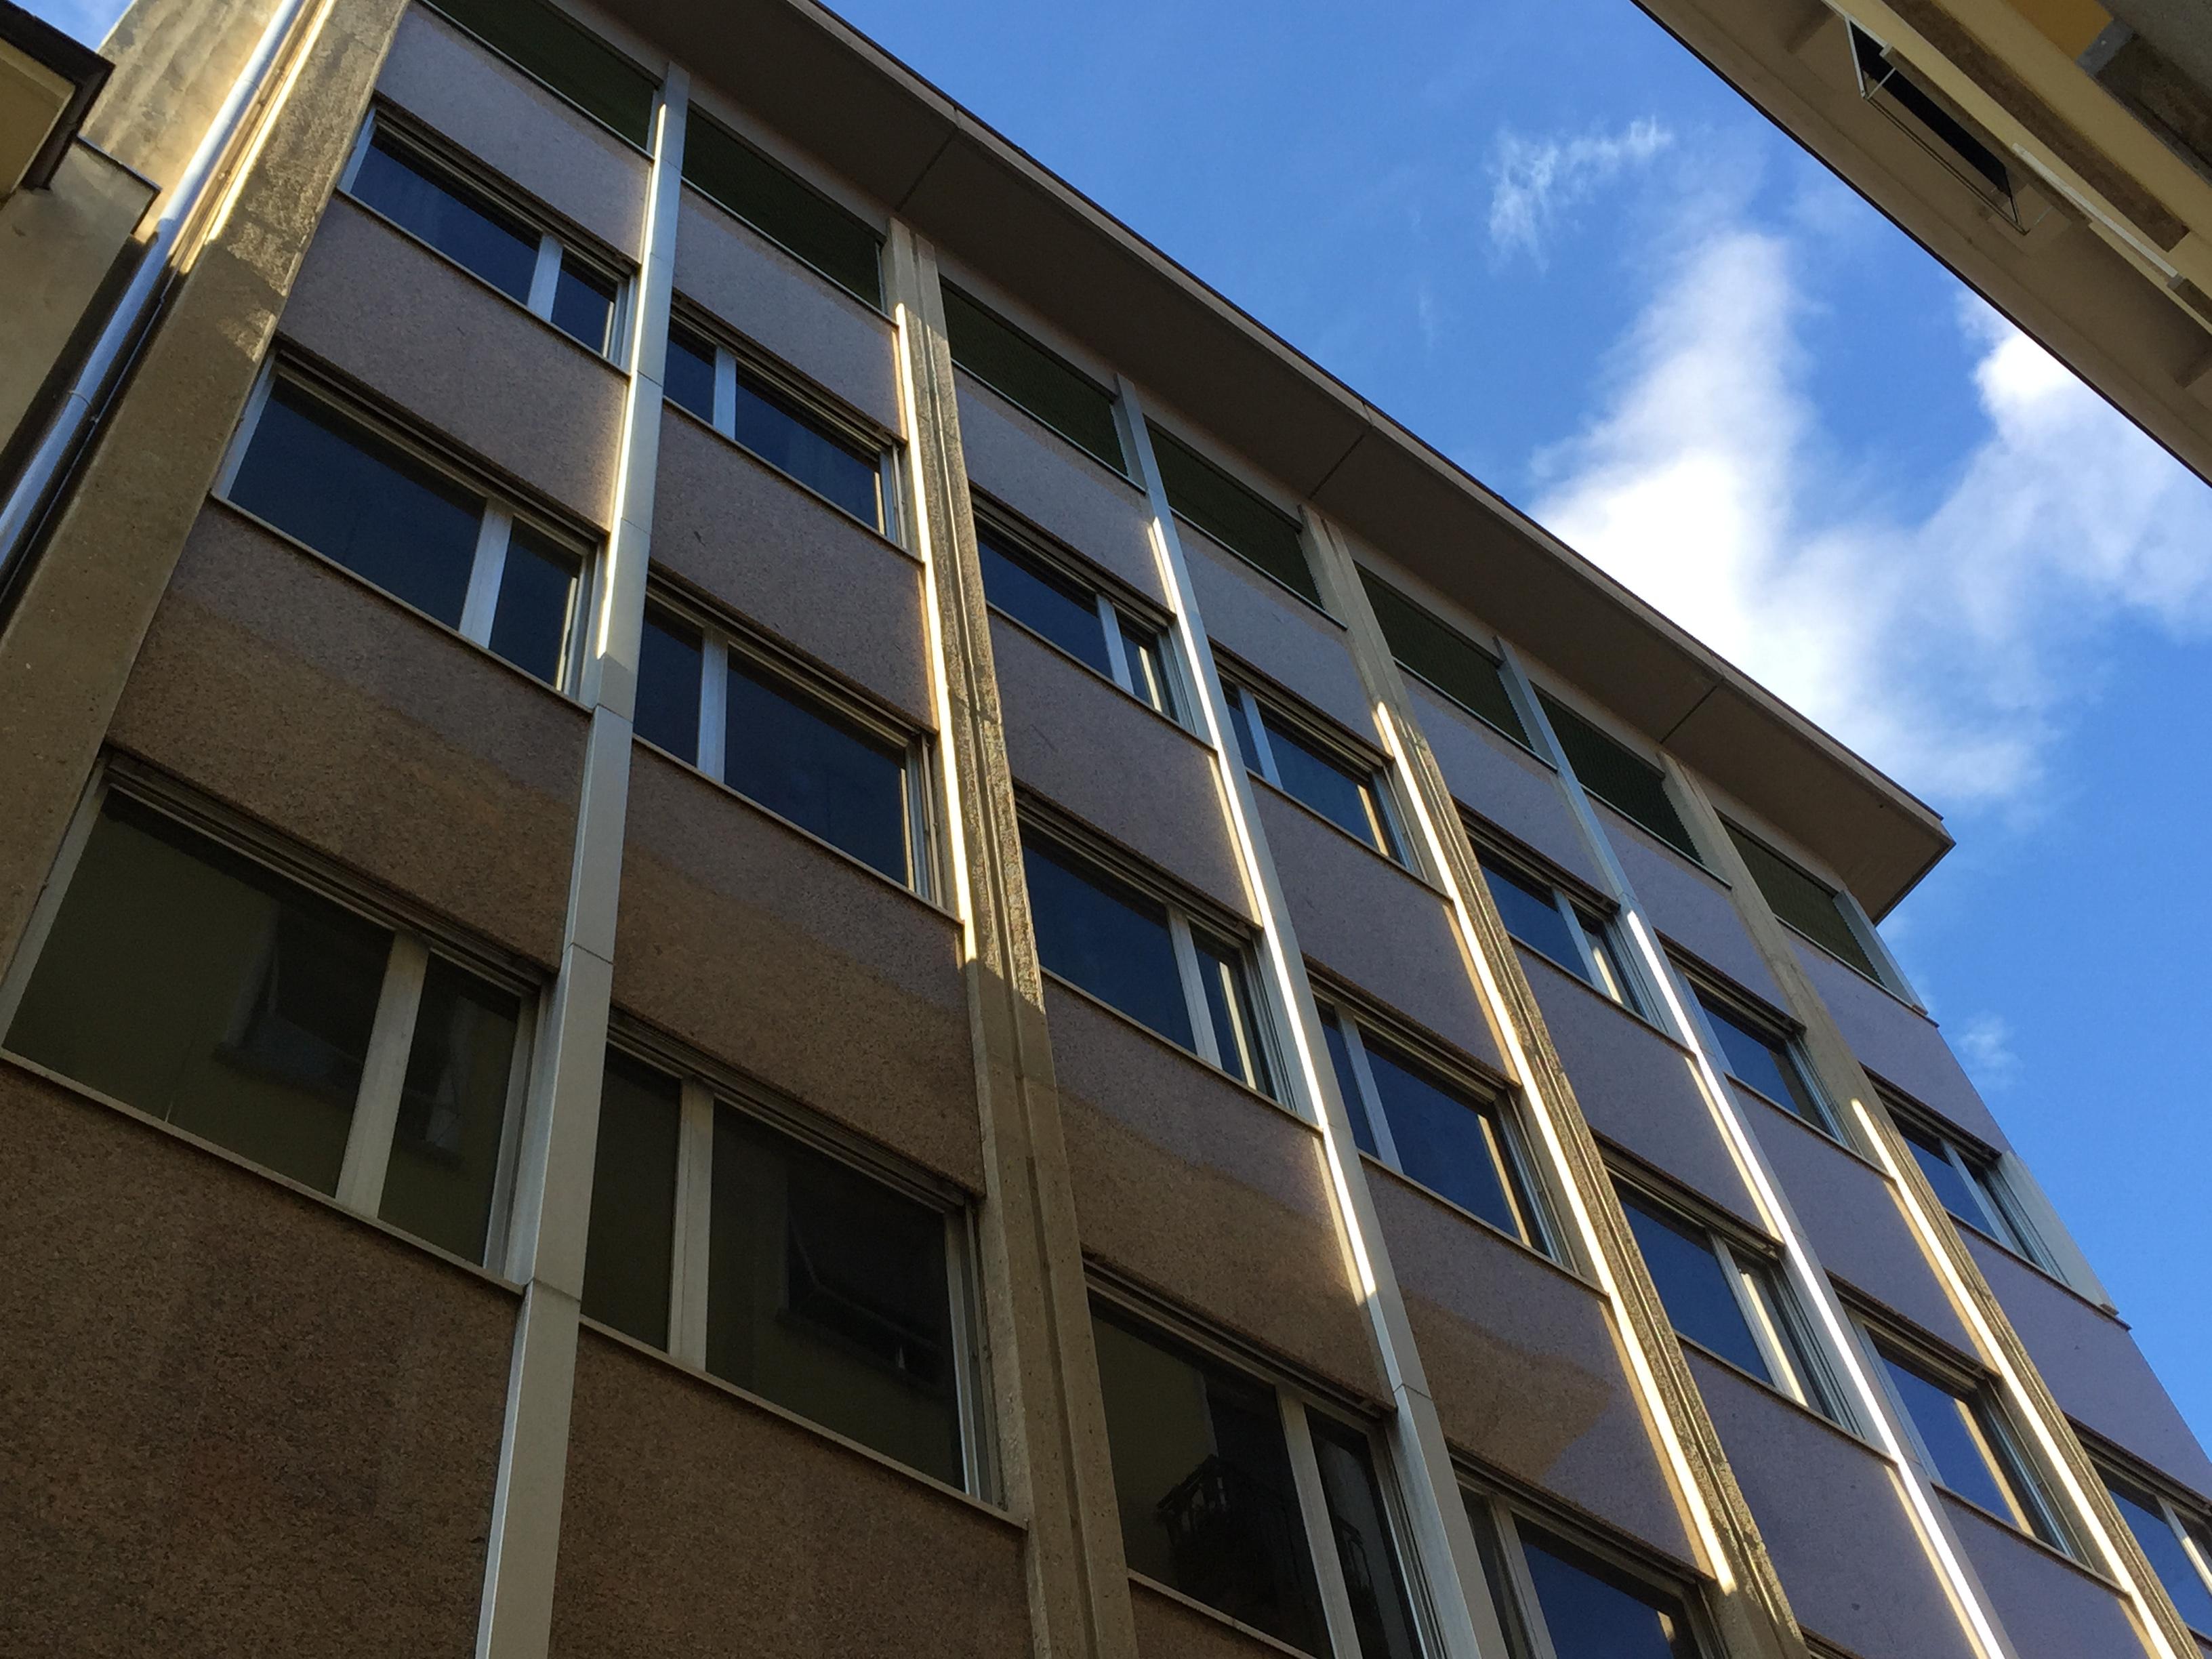 Affittasi uffici 6 locali mq 150 a lugano repa immobiliare for Locali affittasi